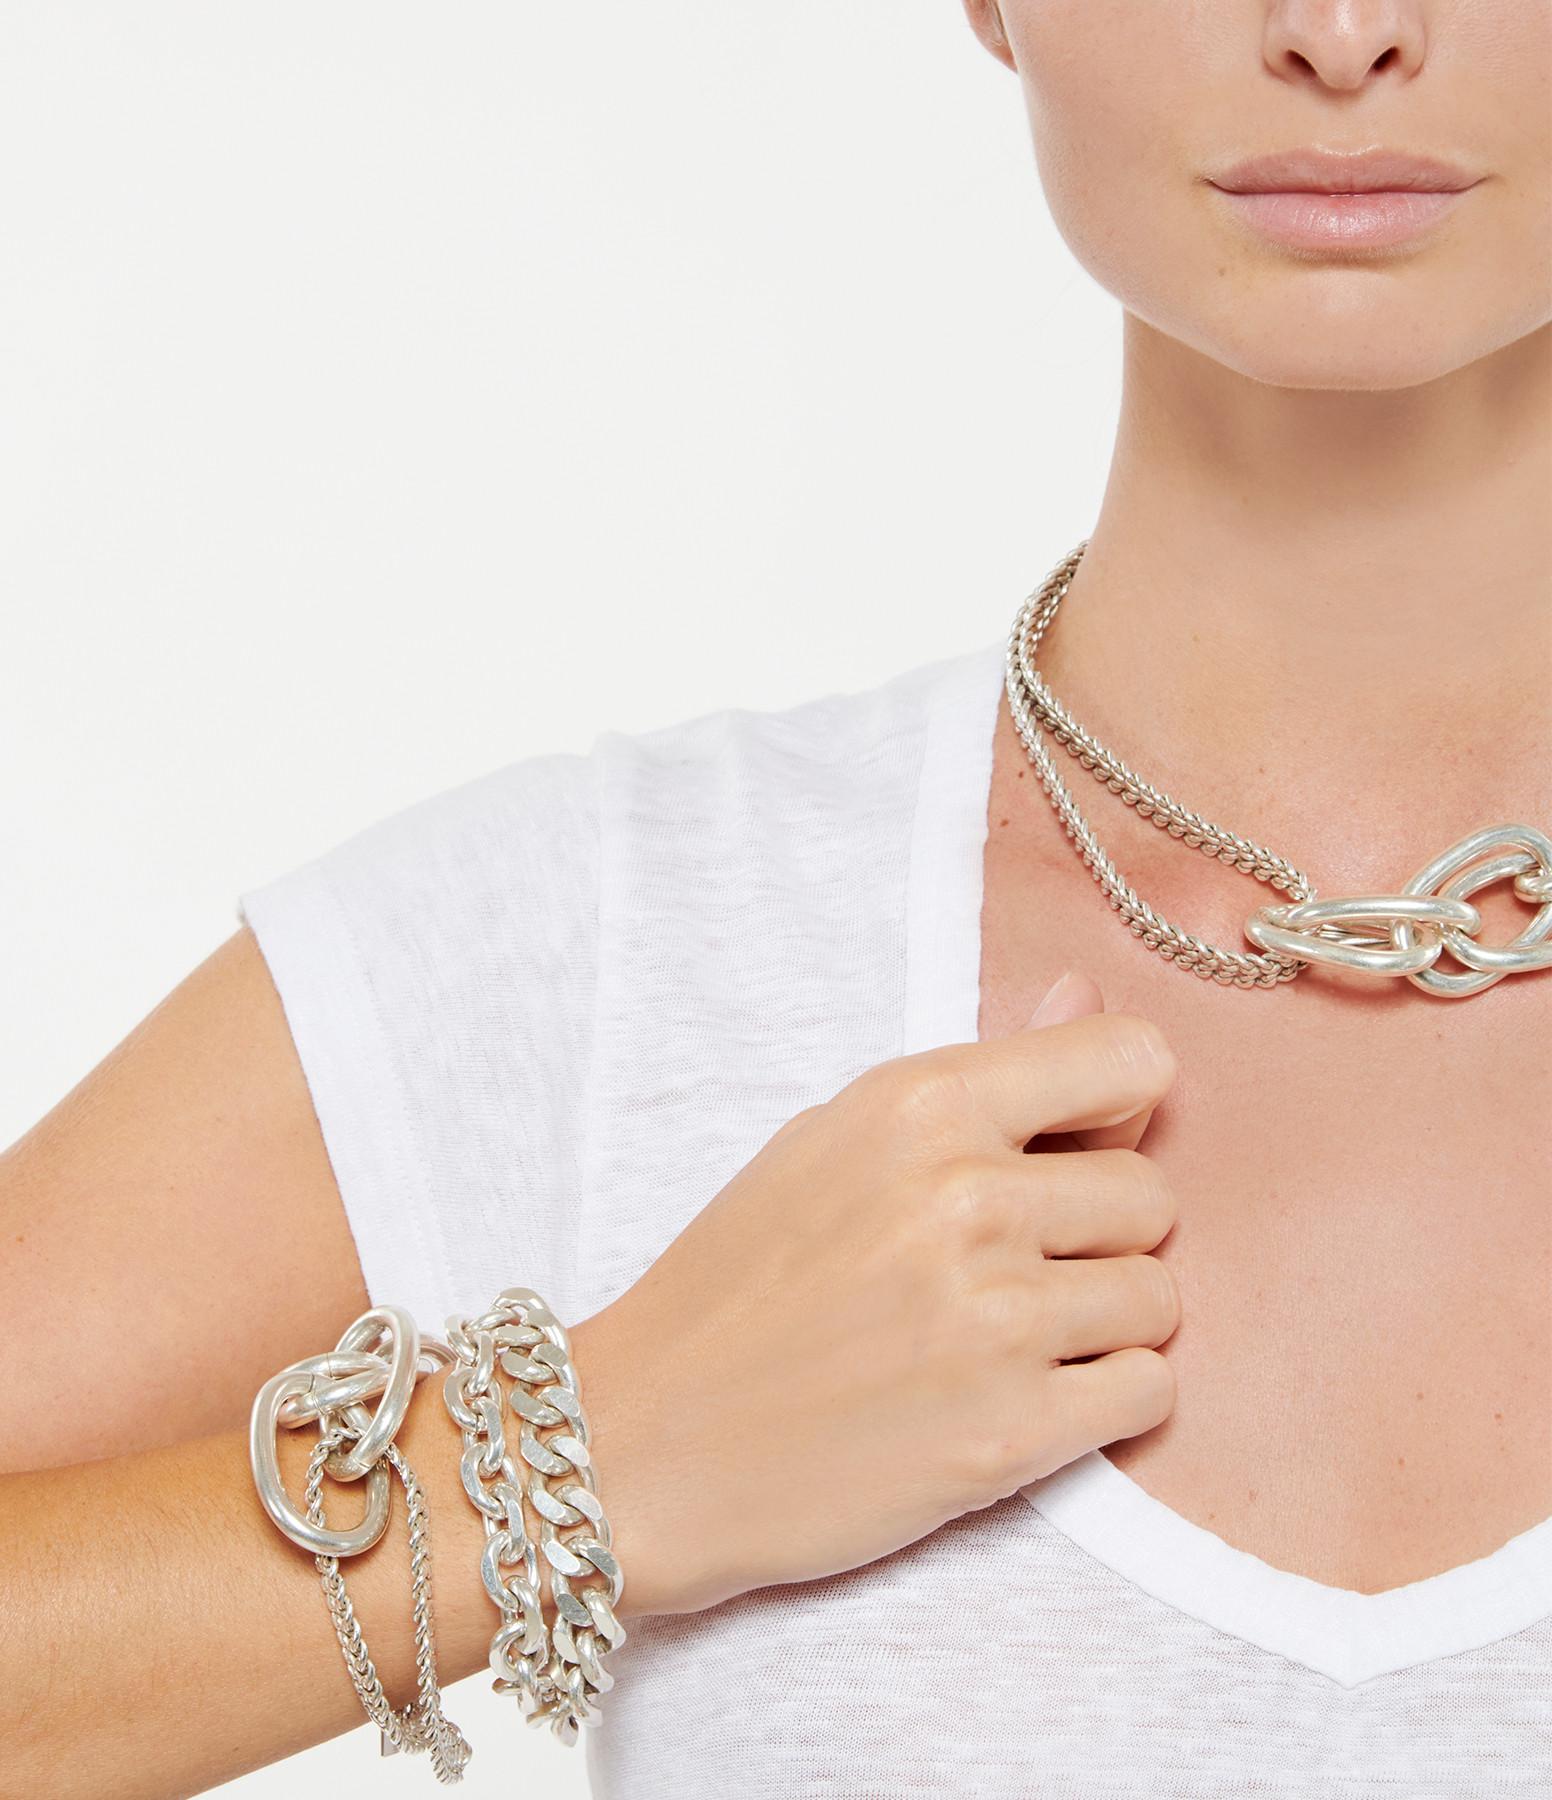 PERRINE TAVERNITI - Bracelet Courcelle Argent